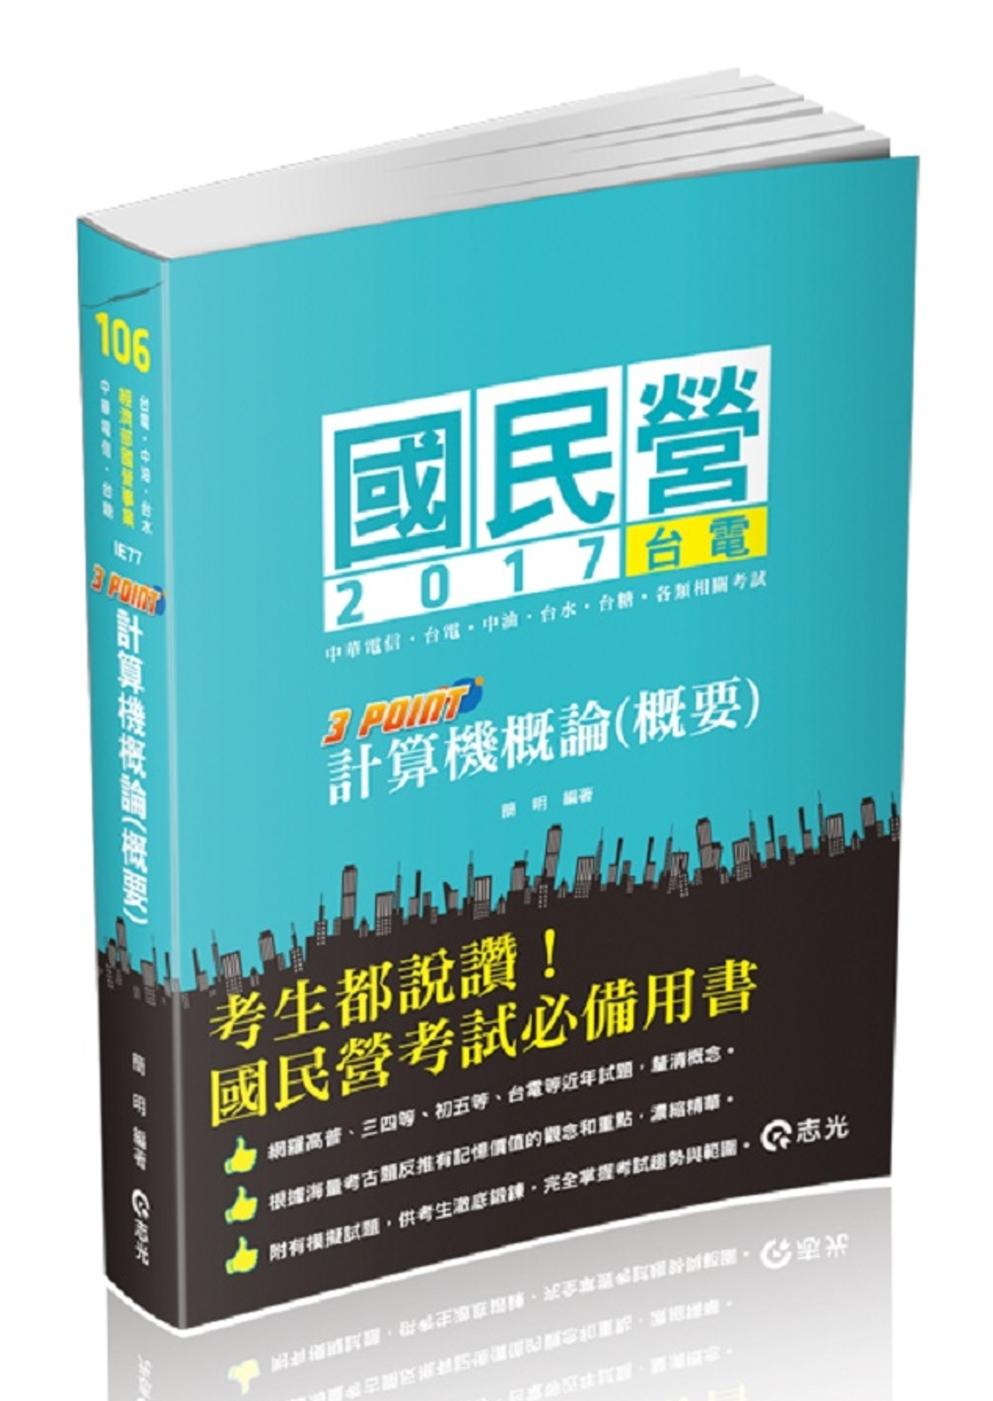 計算機概論(概要)3 Point( 台電、自來水、中油、中華電信、國民營考試專用)